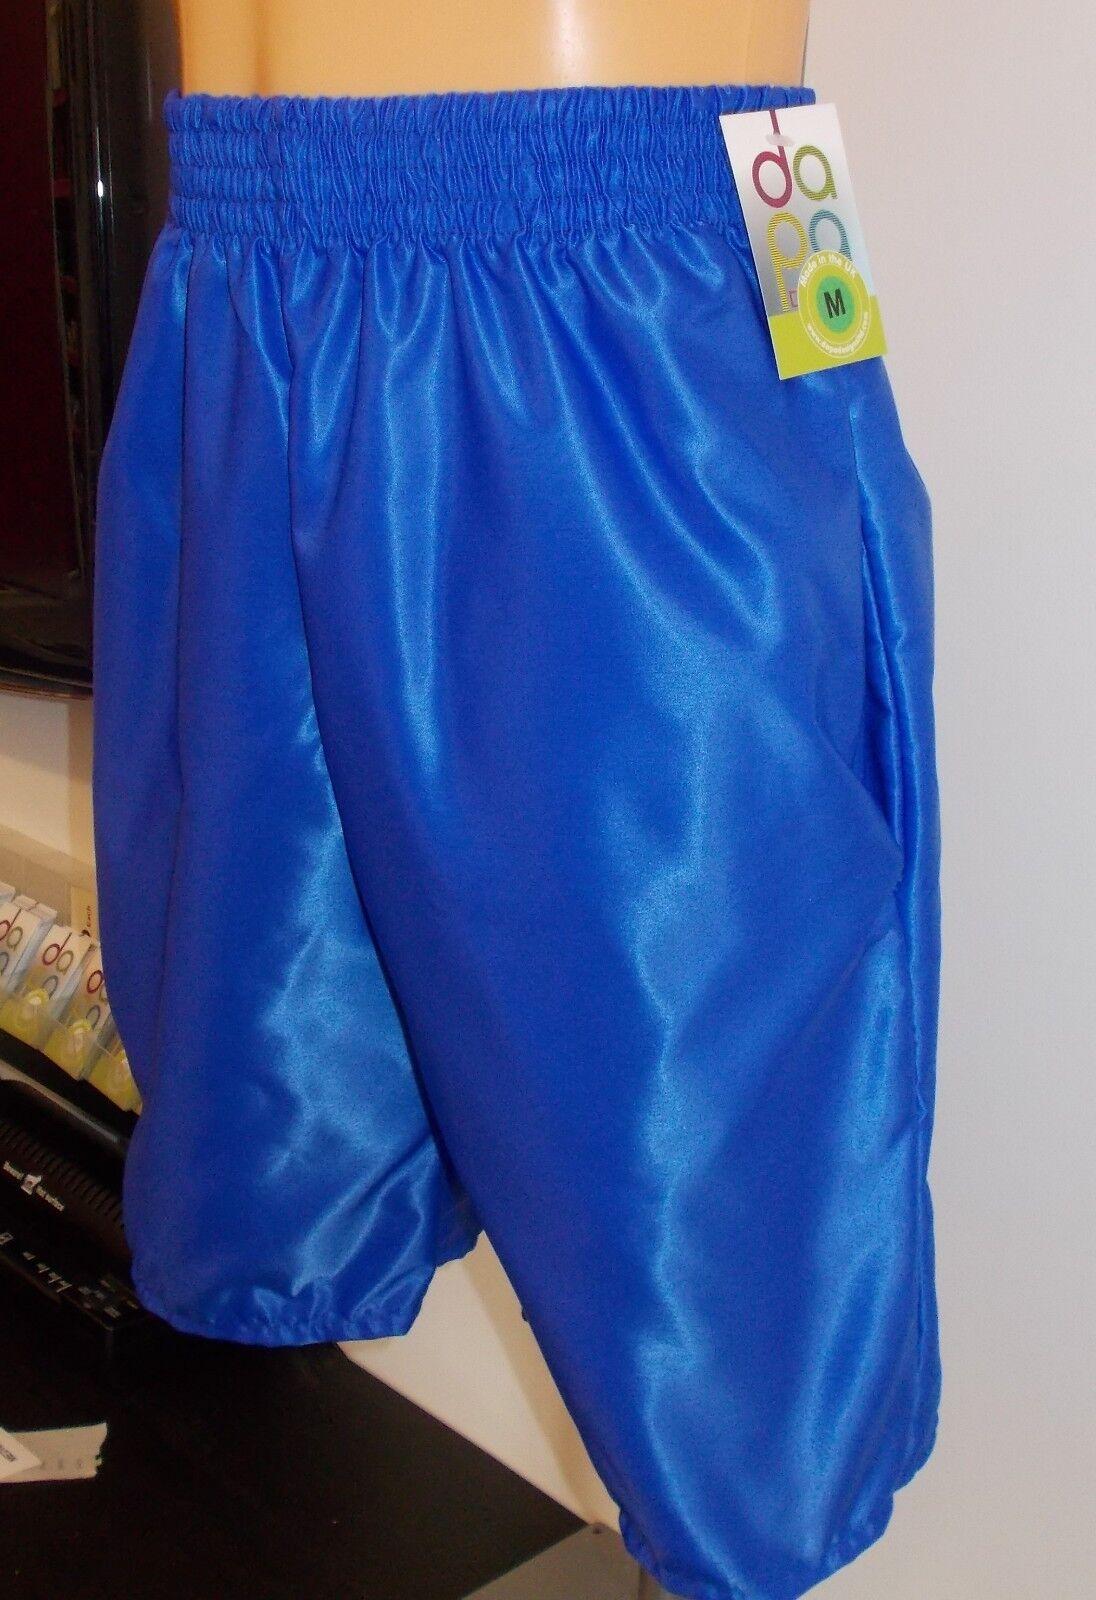 Nylon Satin Comodi Corto con Tasche S - 4XL, Blu Reale